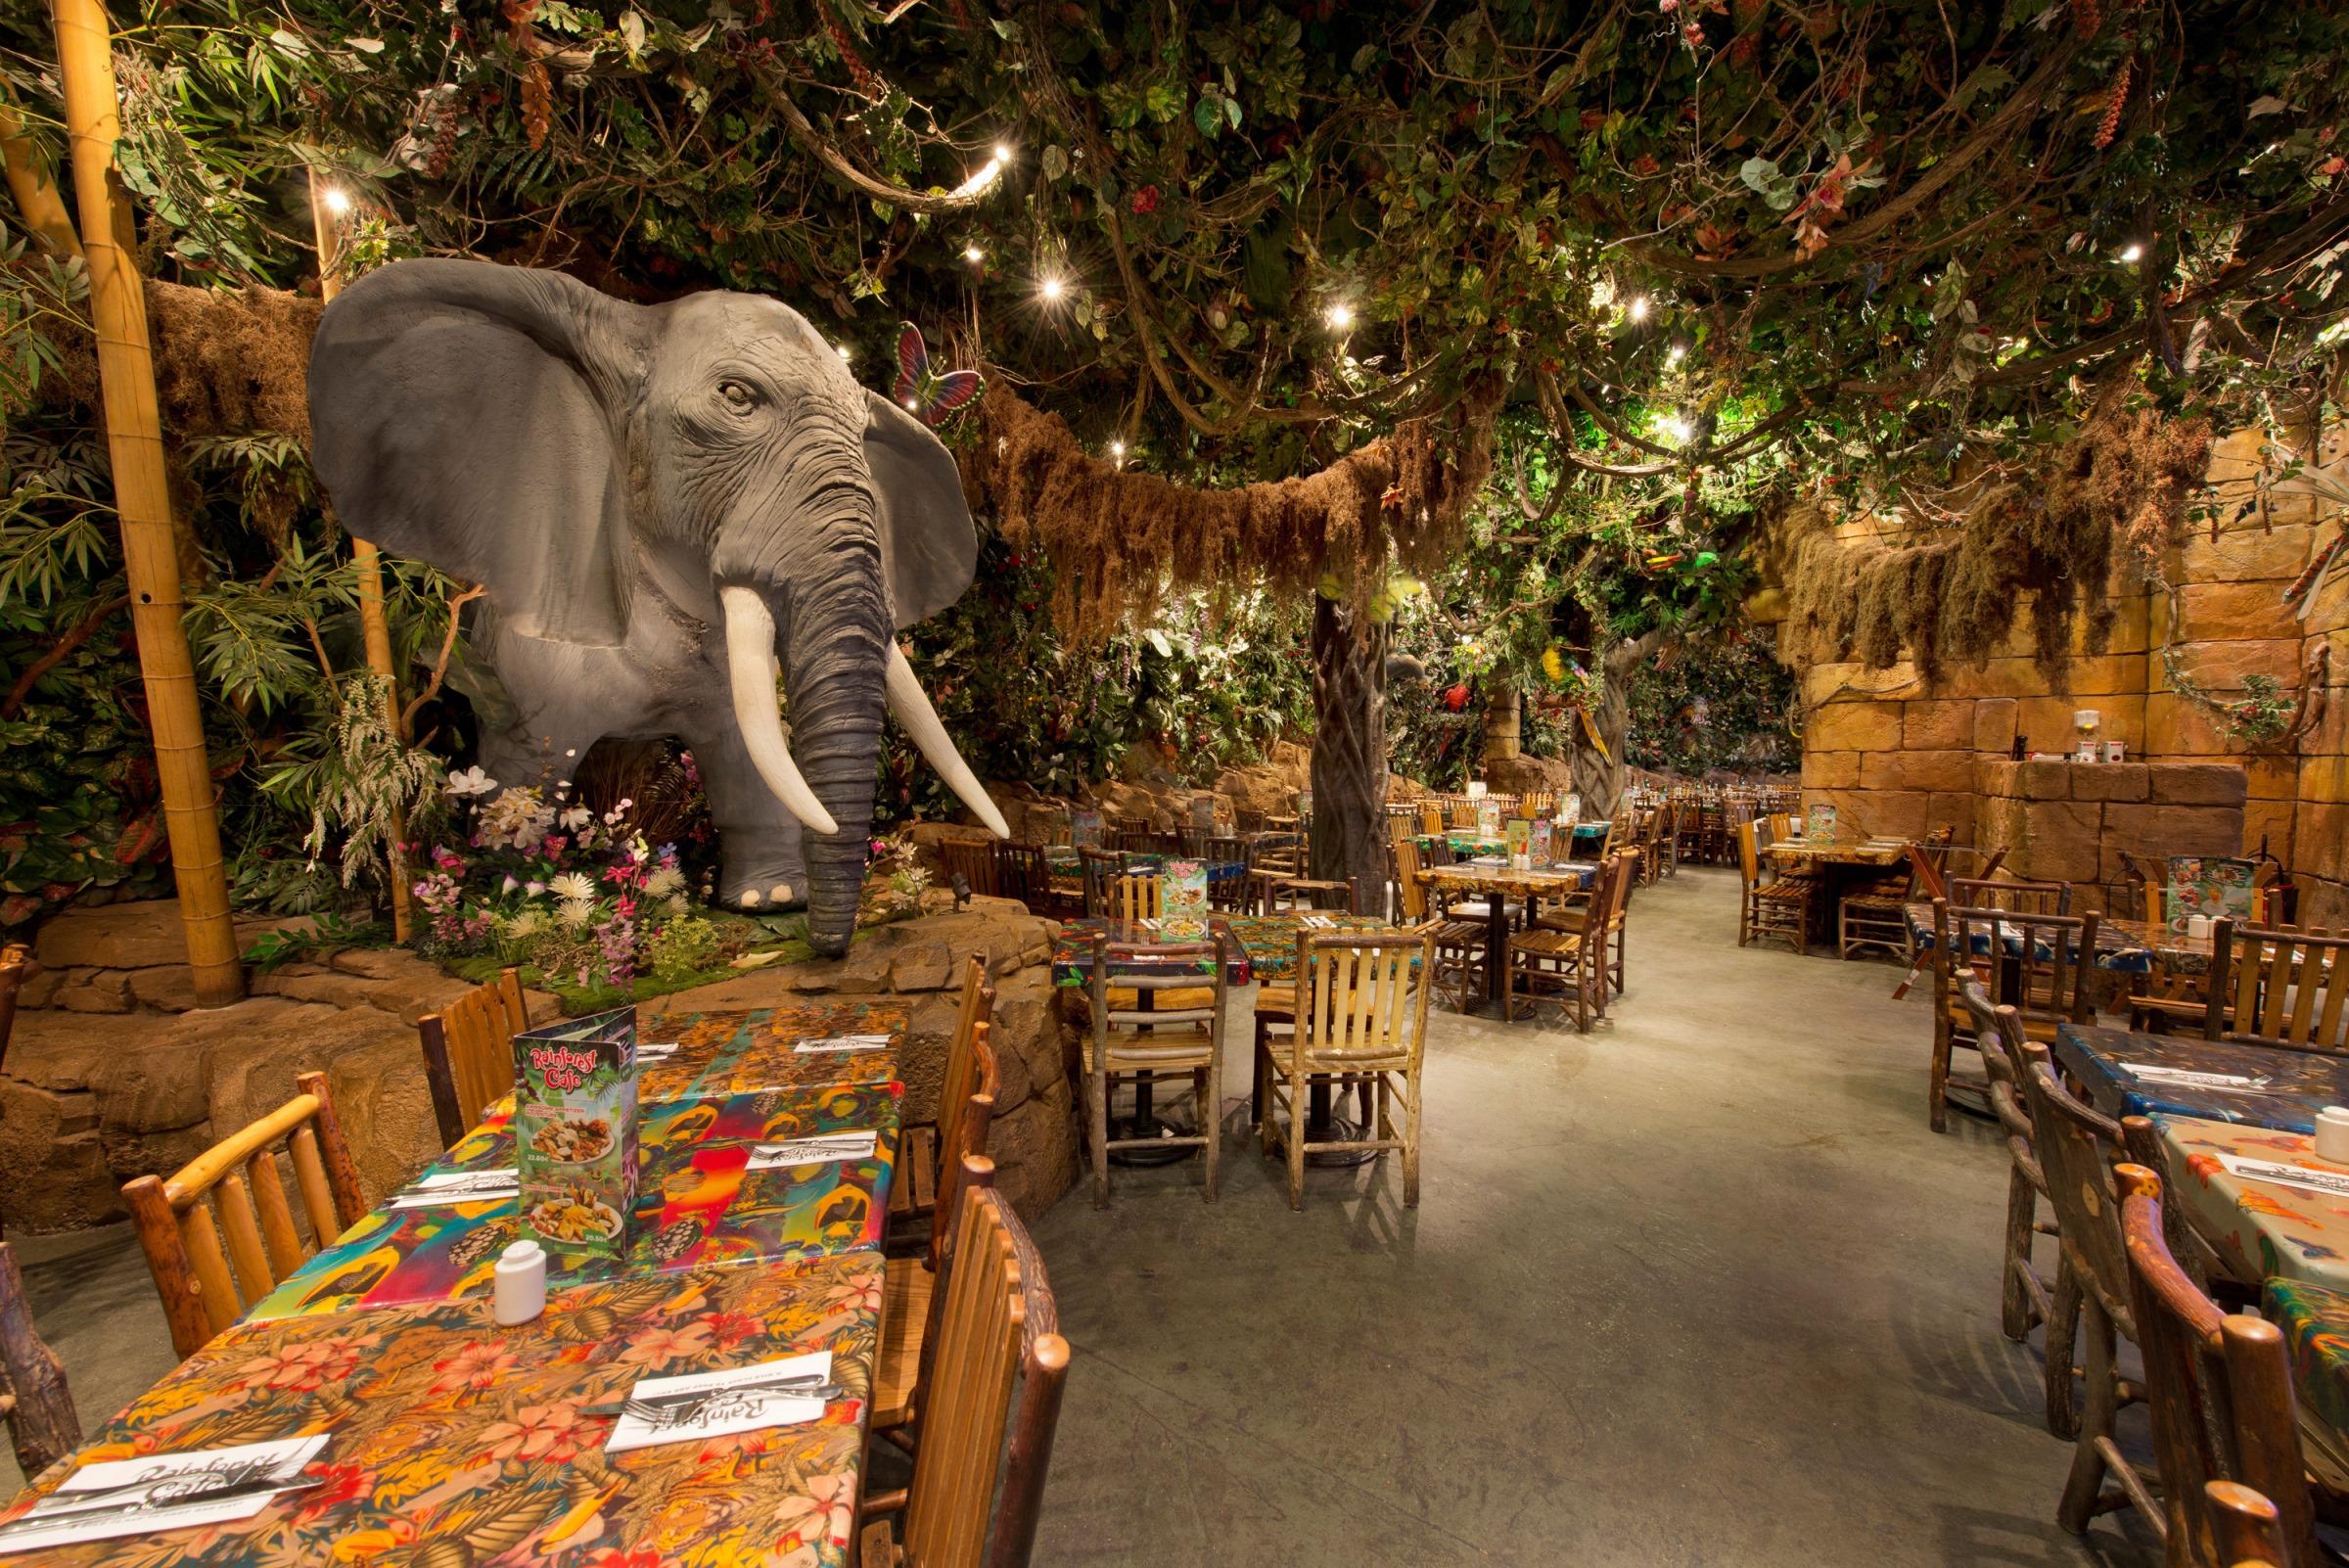 Rainforest Cafe Disneyland Menu Paris